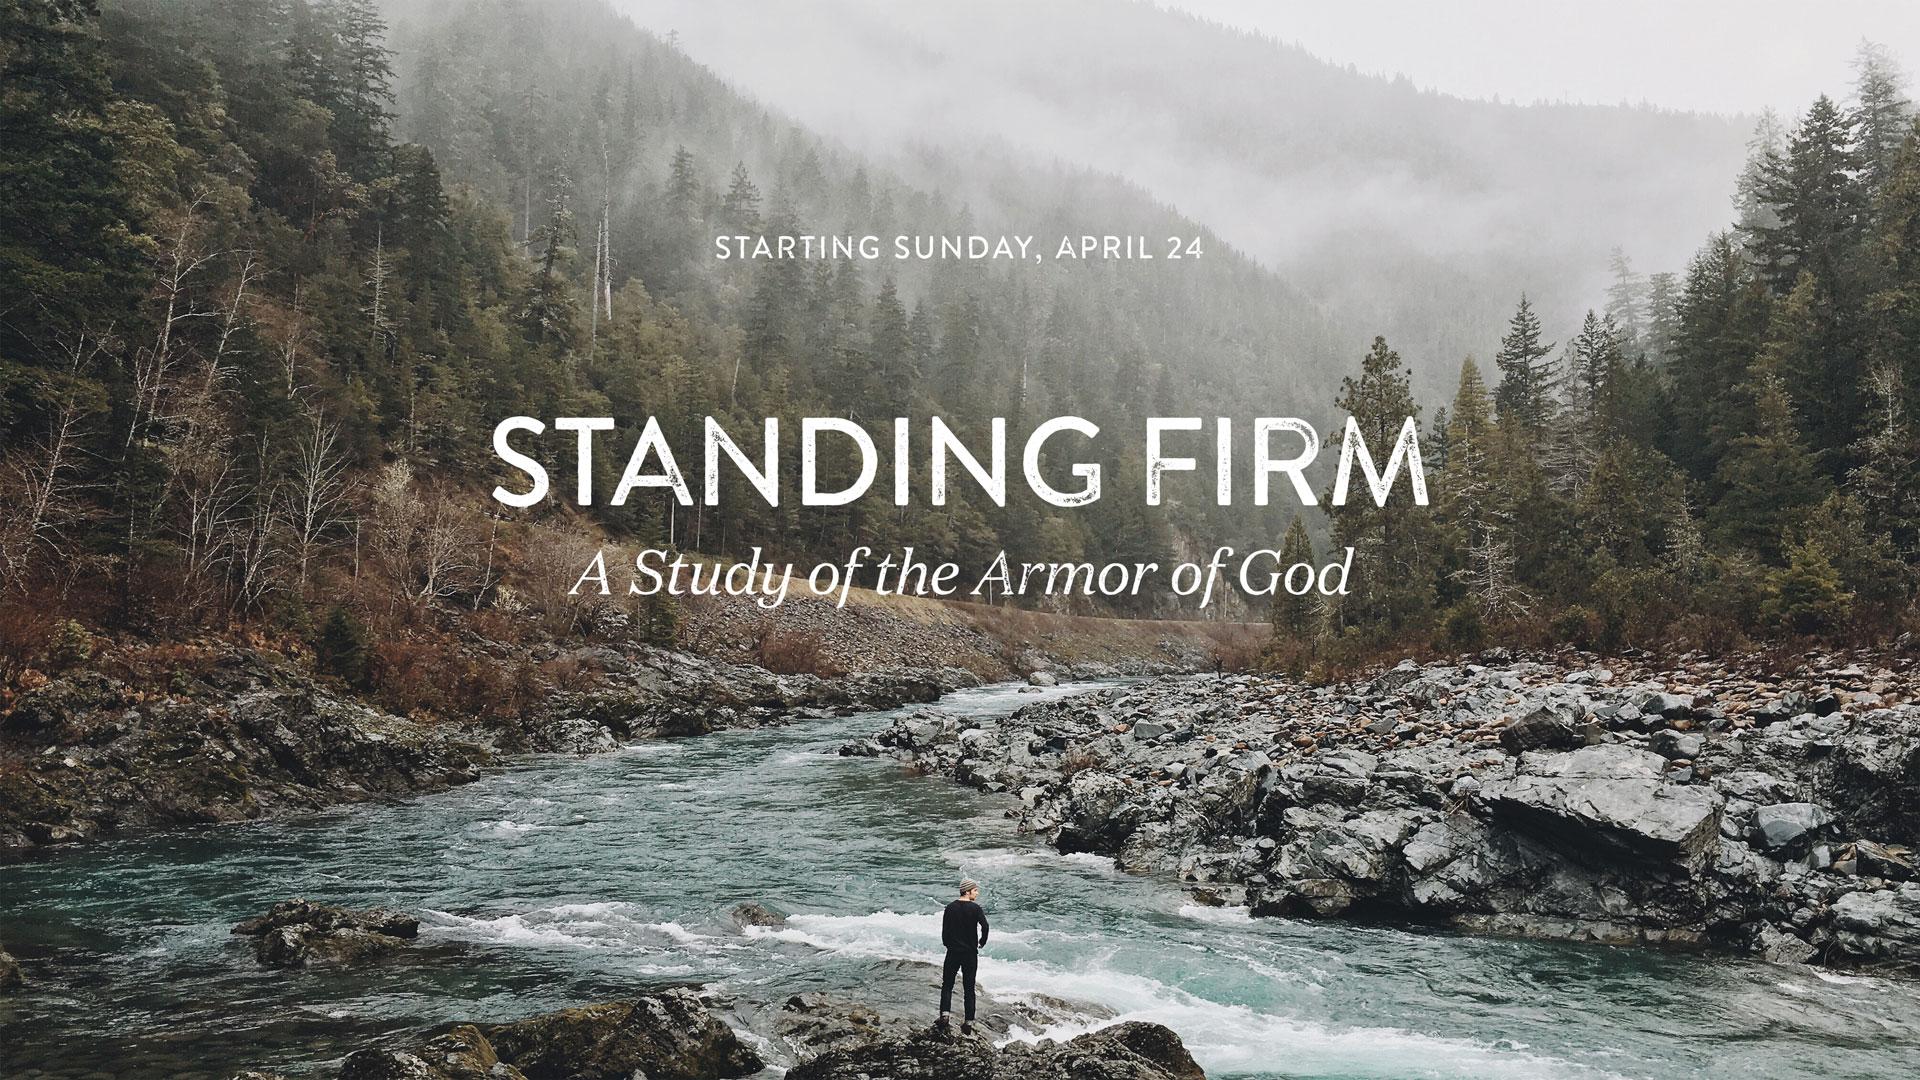 Standing-Firm-HD-Date.jpg